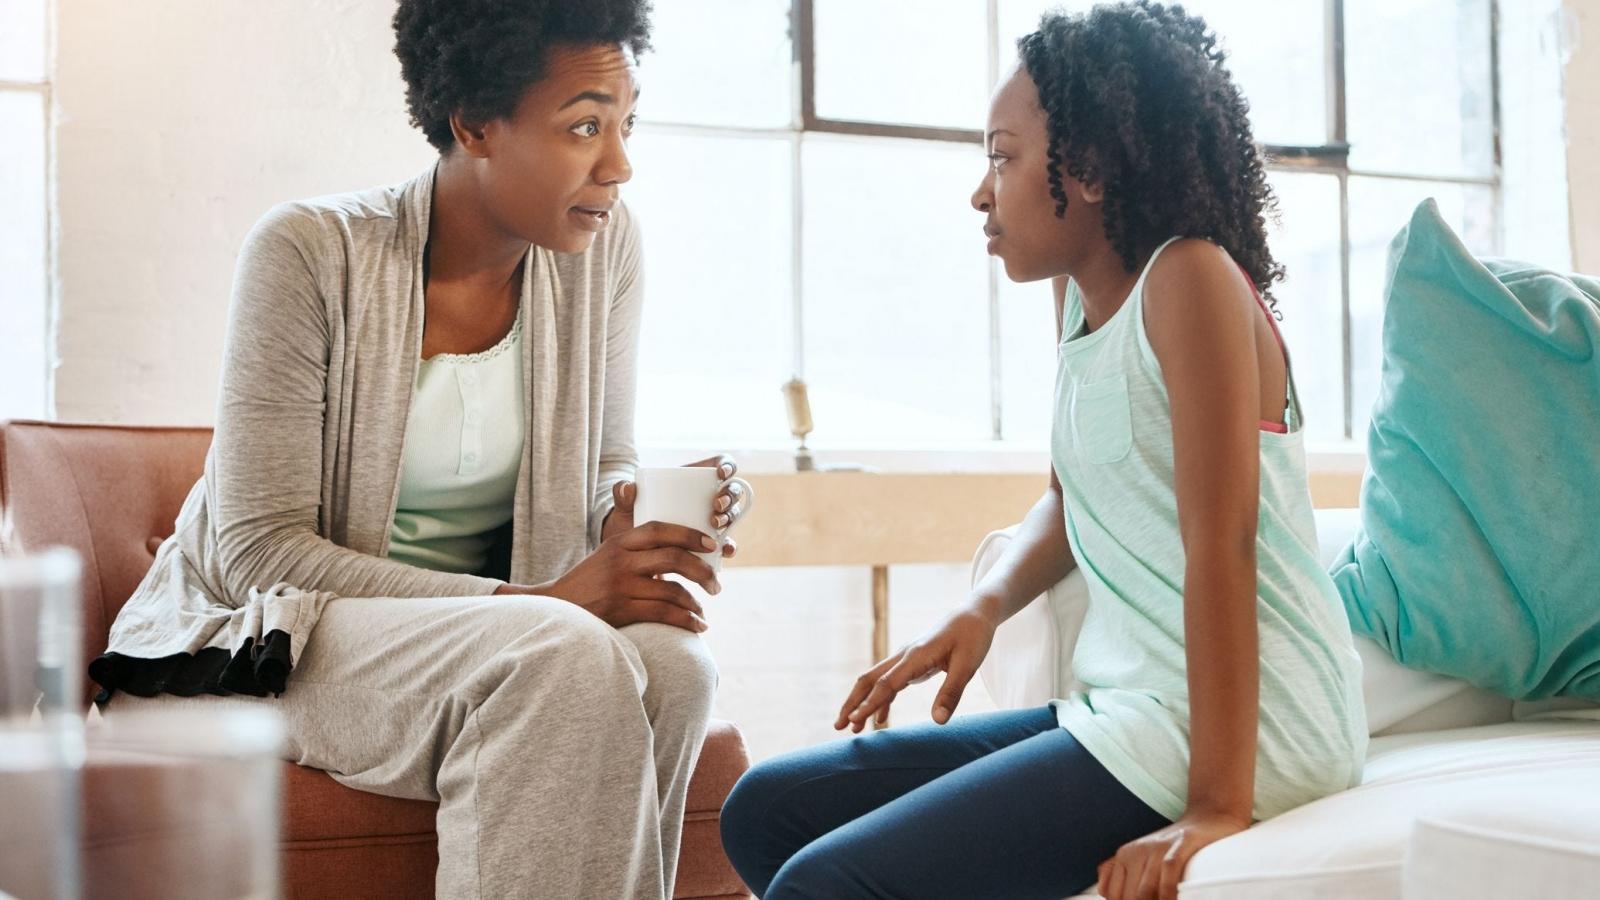 Để trẻ lắng nghe và tôn trọng bạn